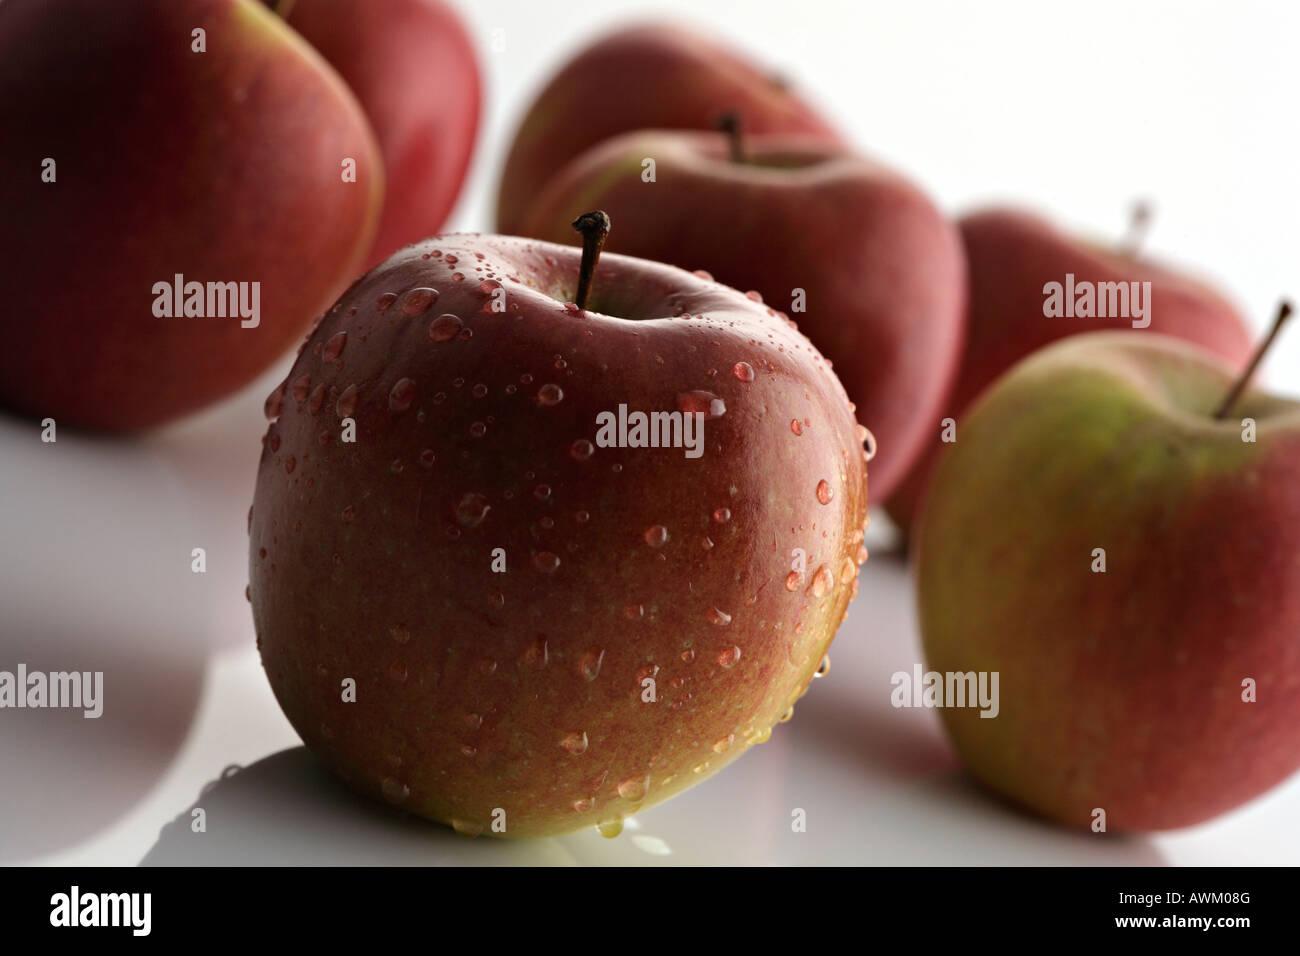 Several Braeburn apples Stock Photo